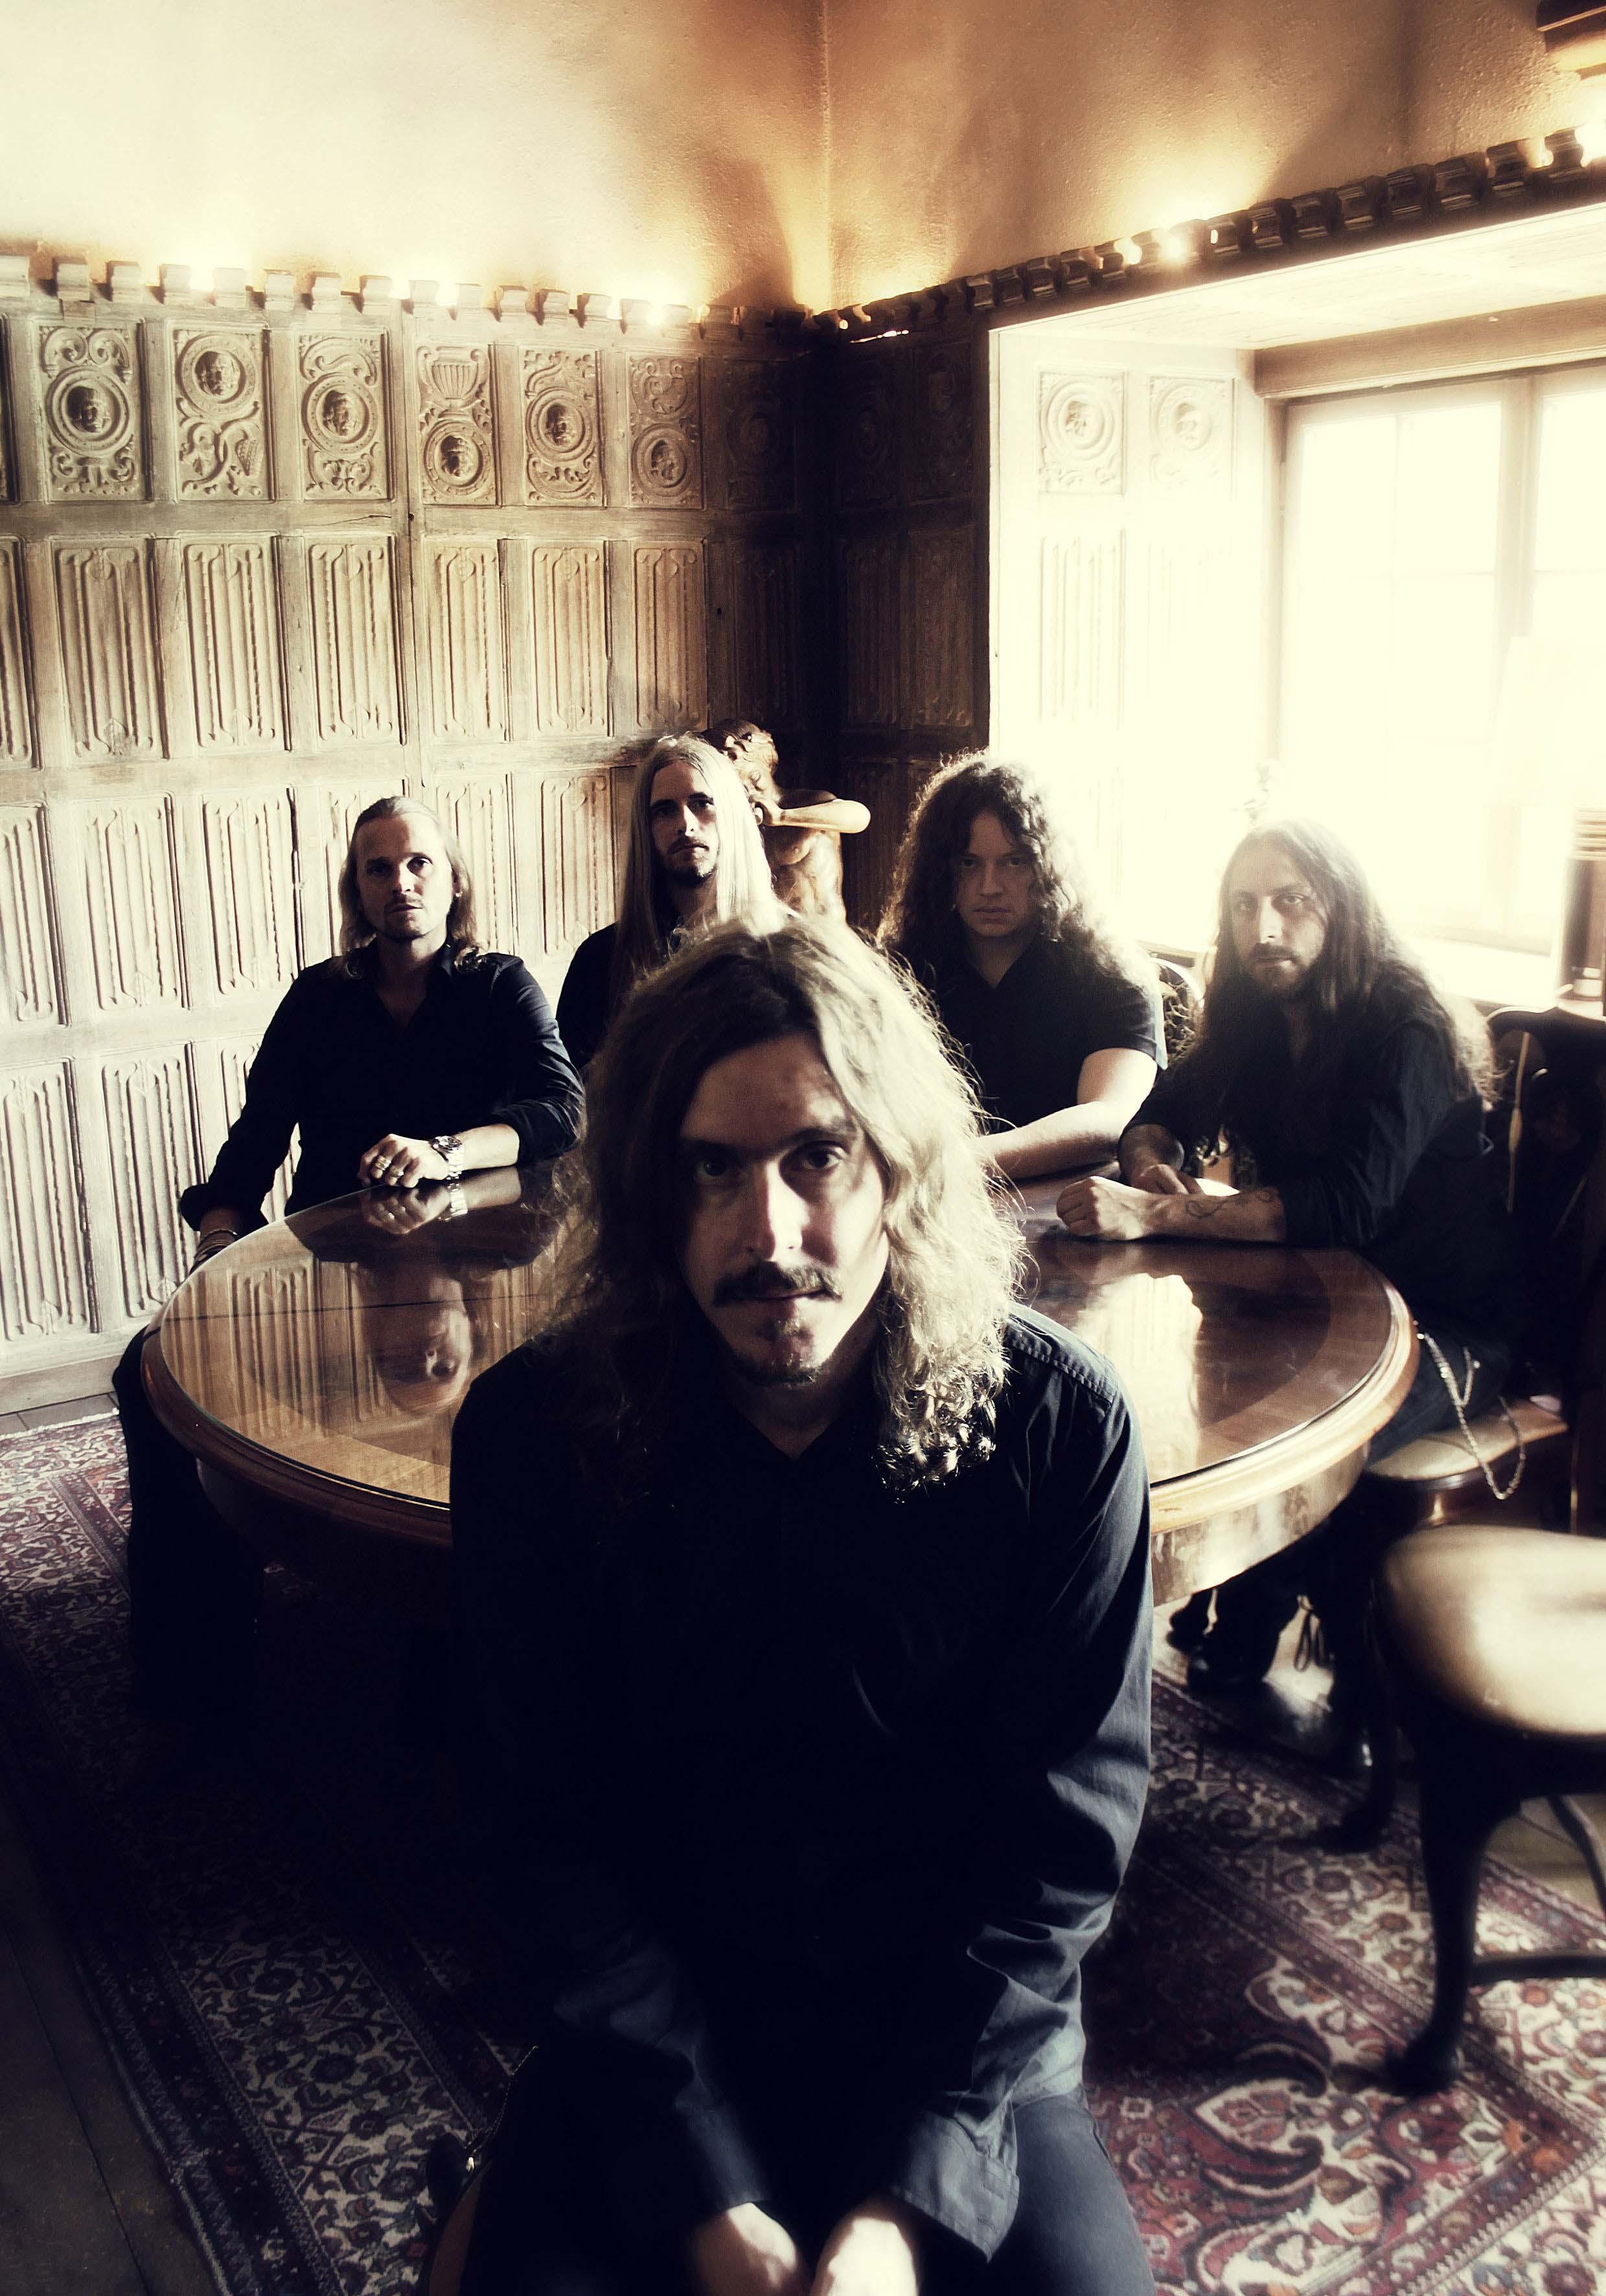 Symphonischer Progressive Rock von Opeth